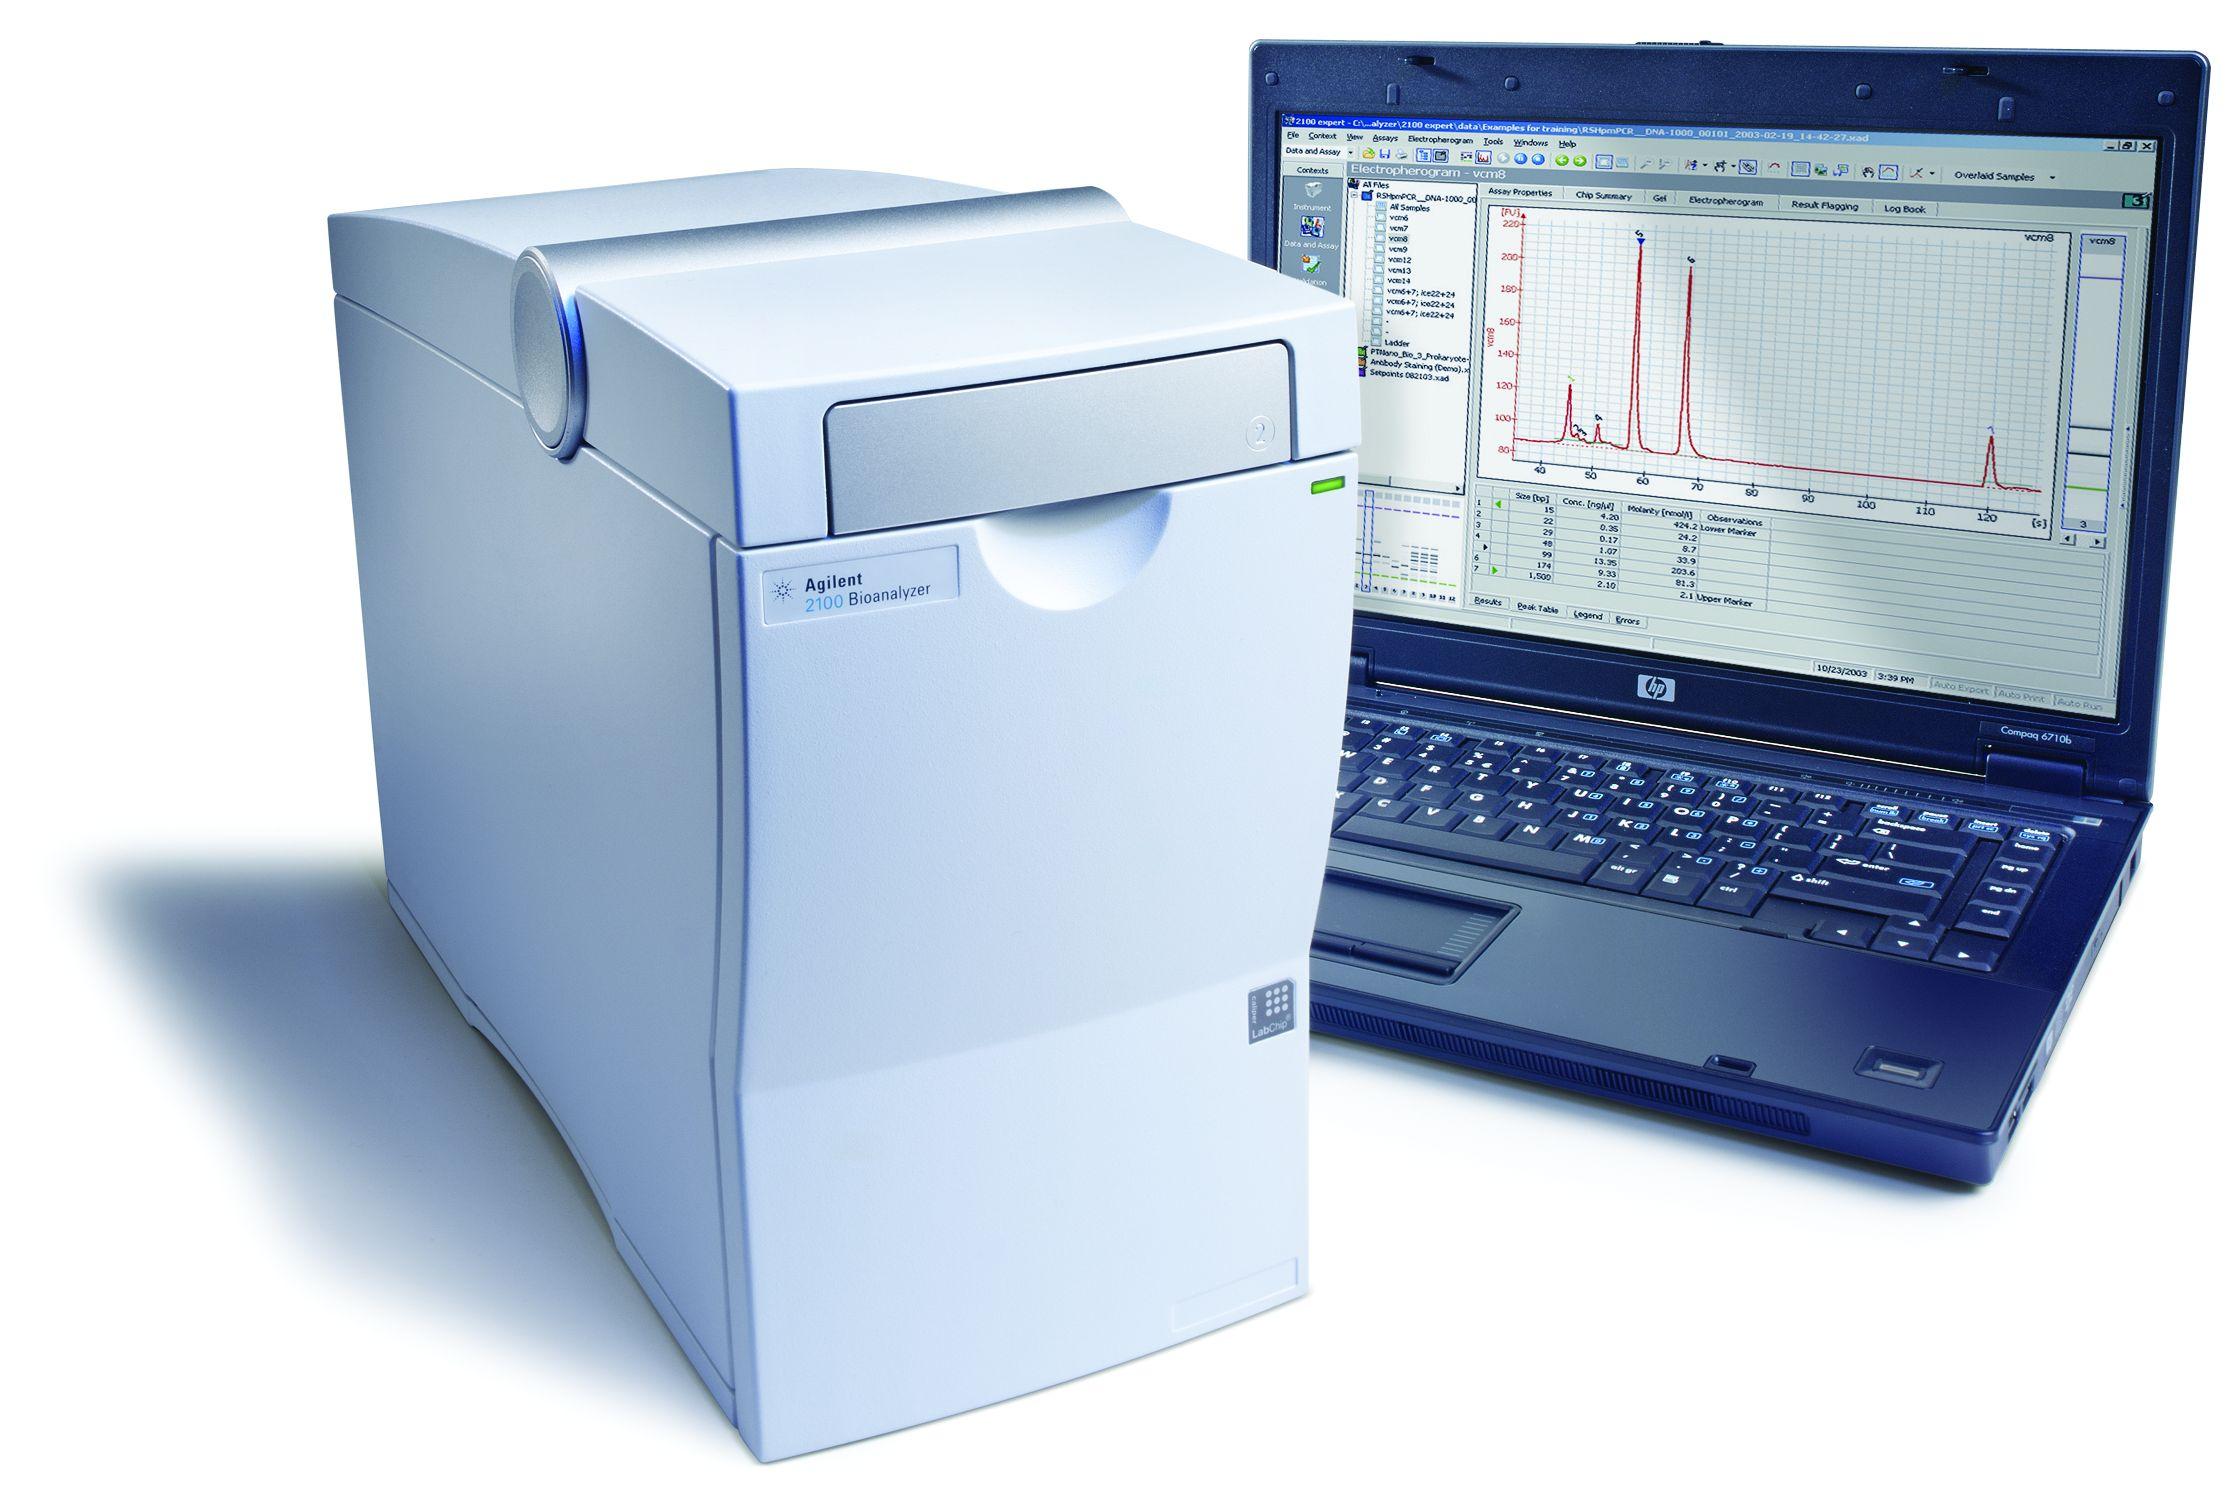 2100生物分析仪